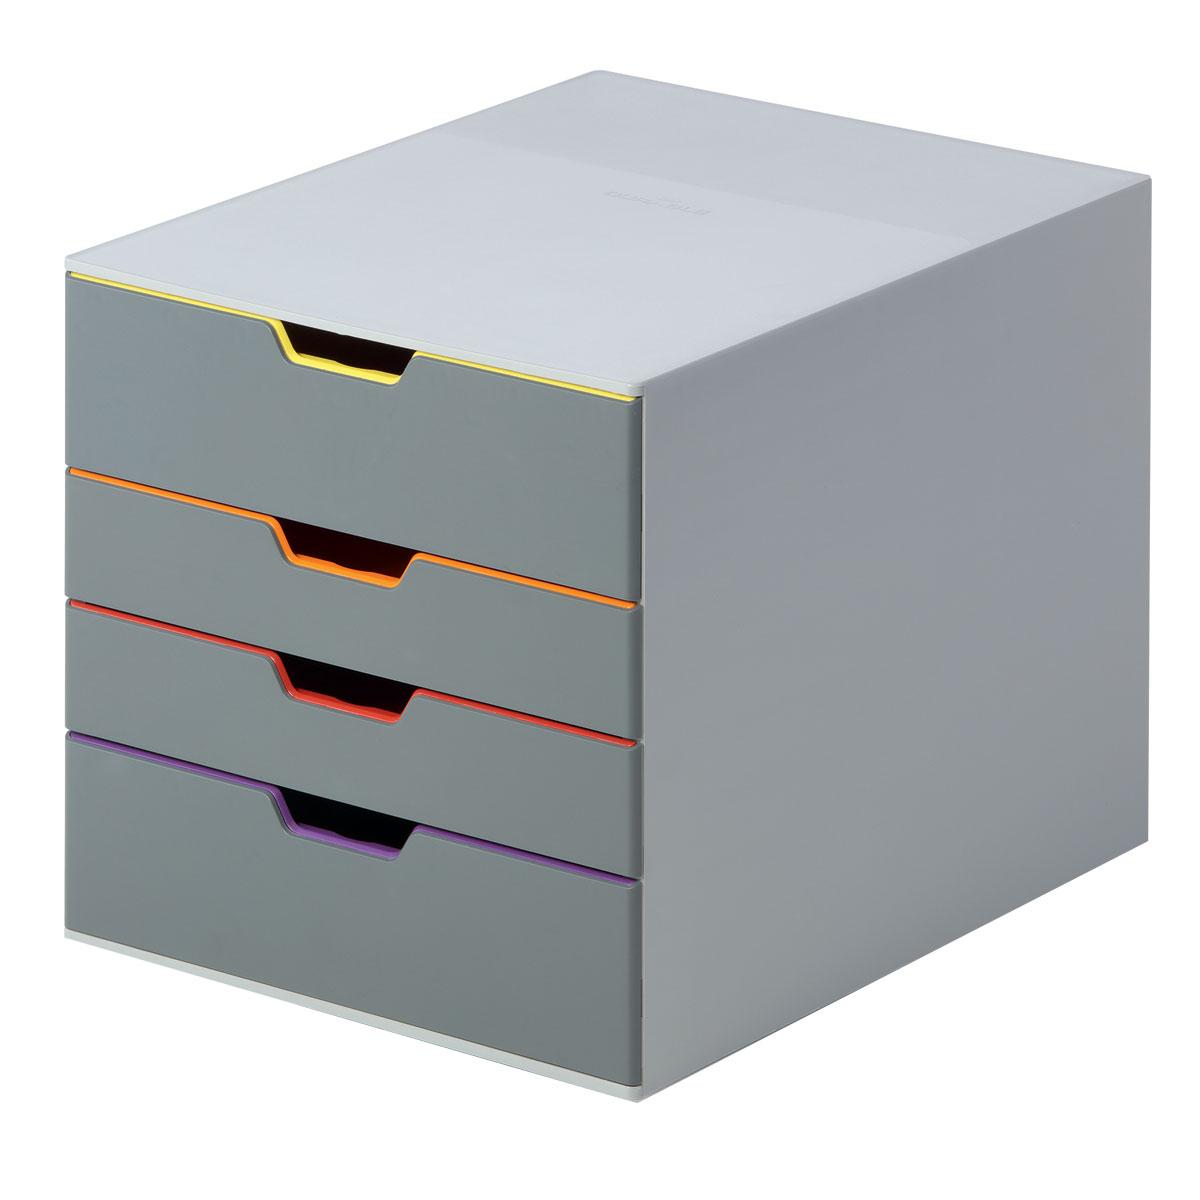 Короб для документов Durable Varicolor. 7604-27BL-1BСтильный короб для документов с 4 выдвижными цветными ящичками Durable Varicolor выполнен из высококачественного пластика. Боксы можно устанавливать друг на друга, фиксируются при помощи резиновых ножек. Широкие лотки для удобного хранения большого количества документов.Выдвижные ящички выполнены в разных цветах, что позволяет группировать документы по тематикам и быстро их находить. Подходят для форматов А4, С4, Folio.Бокс оснащен стопорами, которые не позволяют выпасть лоткам при резком открывании, а также съемными табуляторами для маркировки. Не скользит даже на самых гладких поверхностях благодаря силиконовым ножкам.